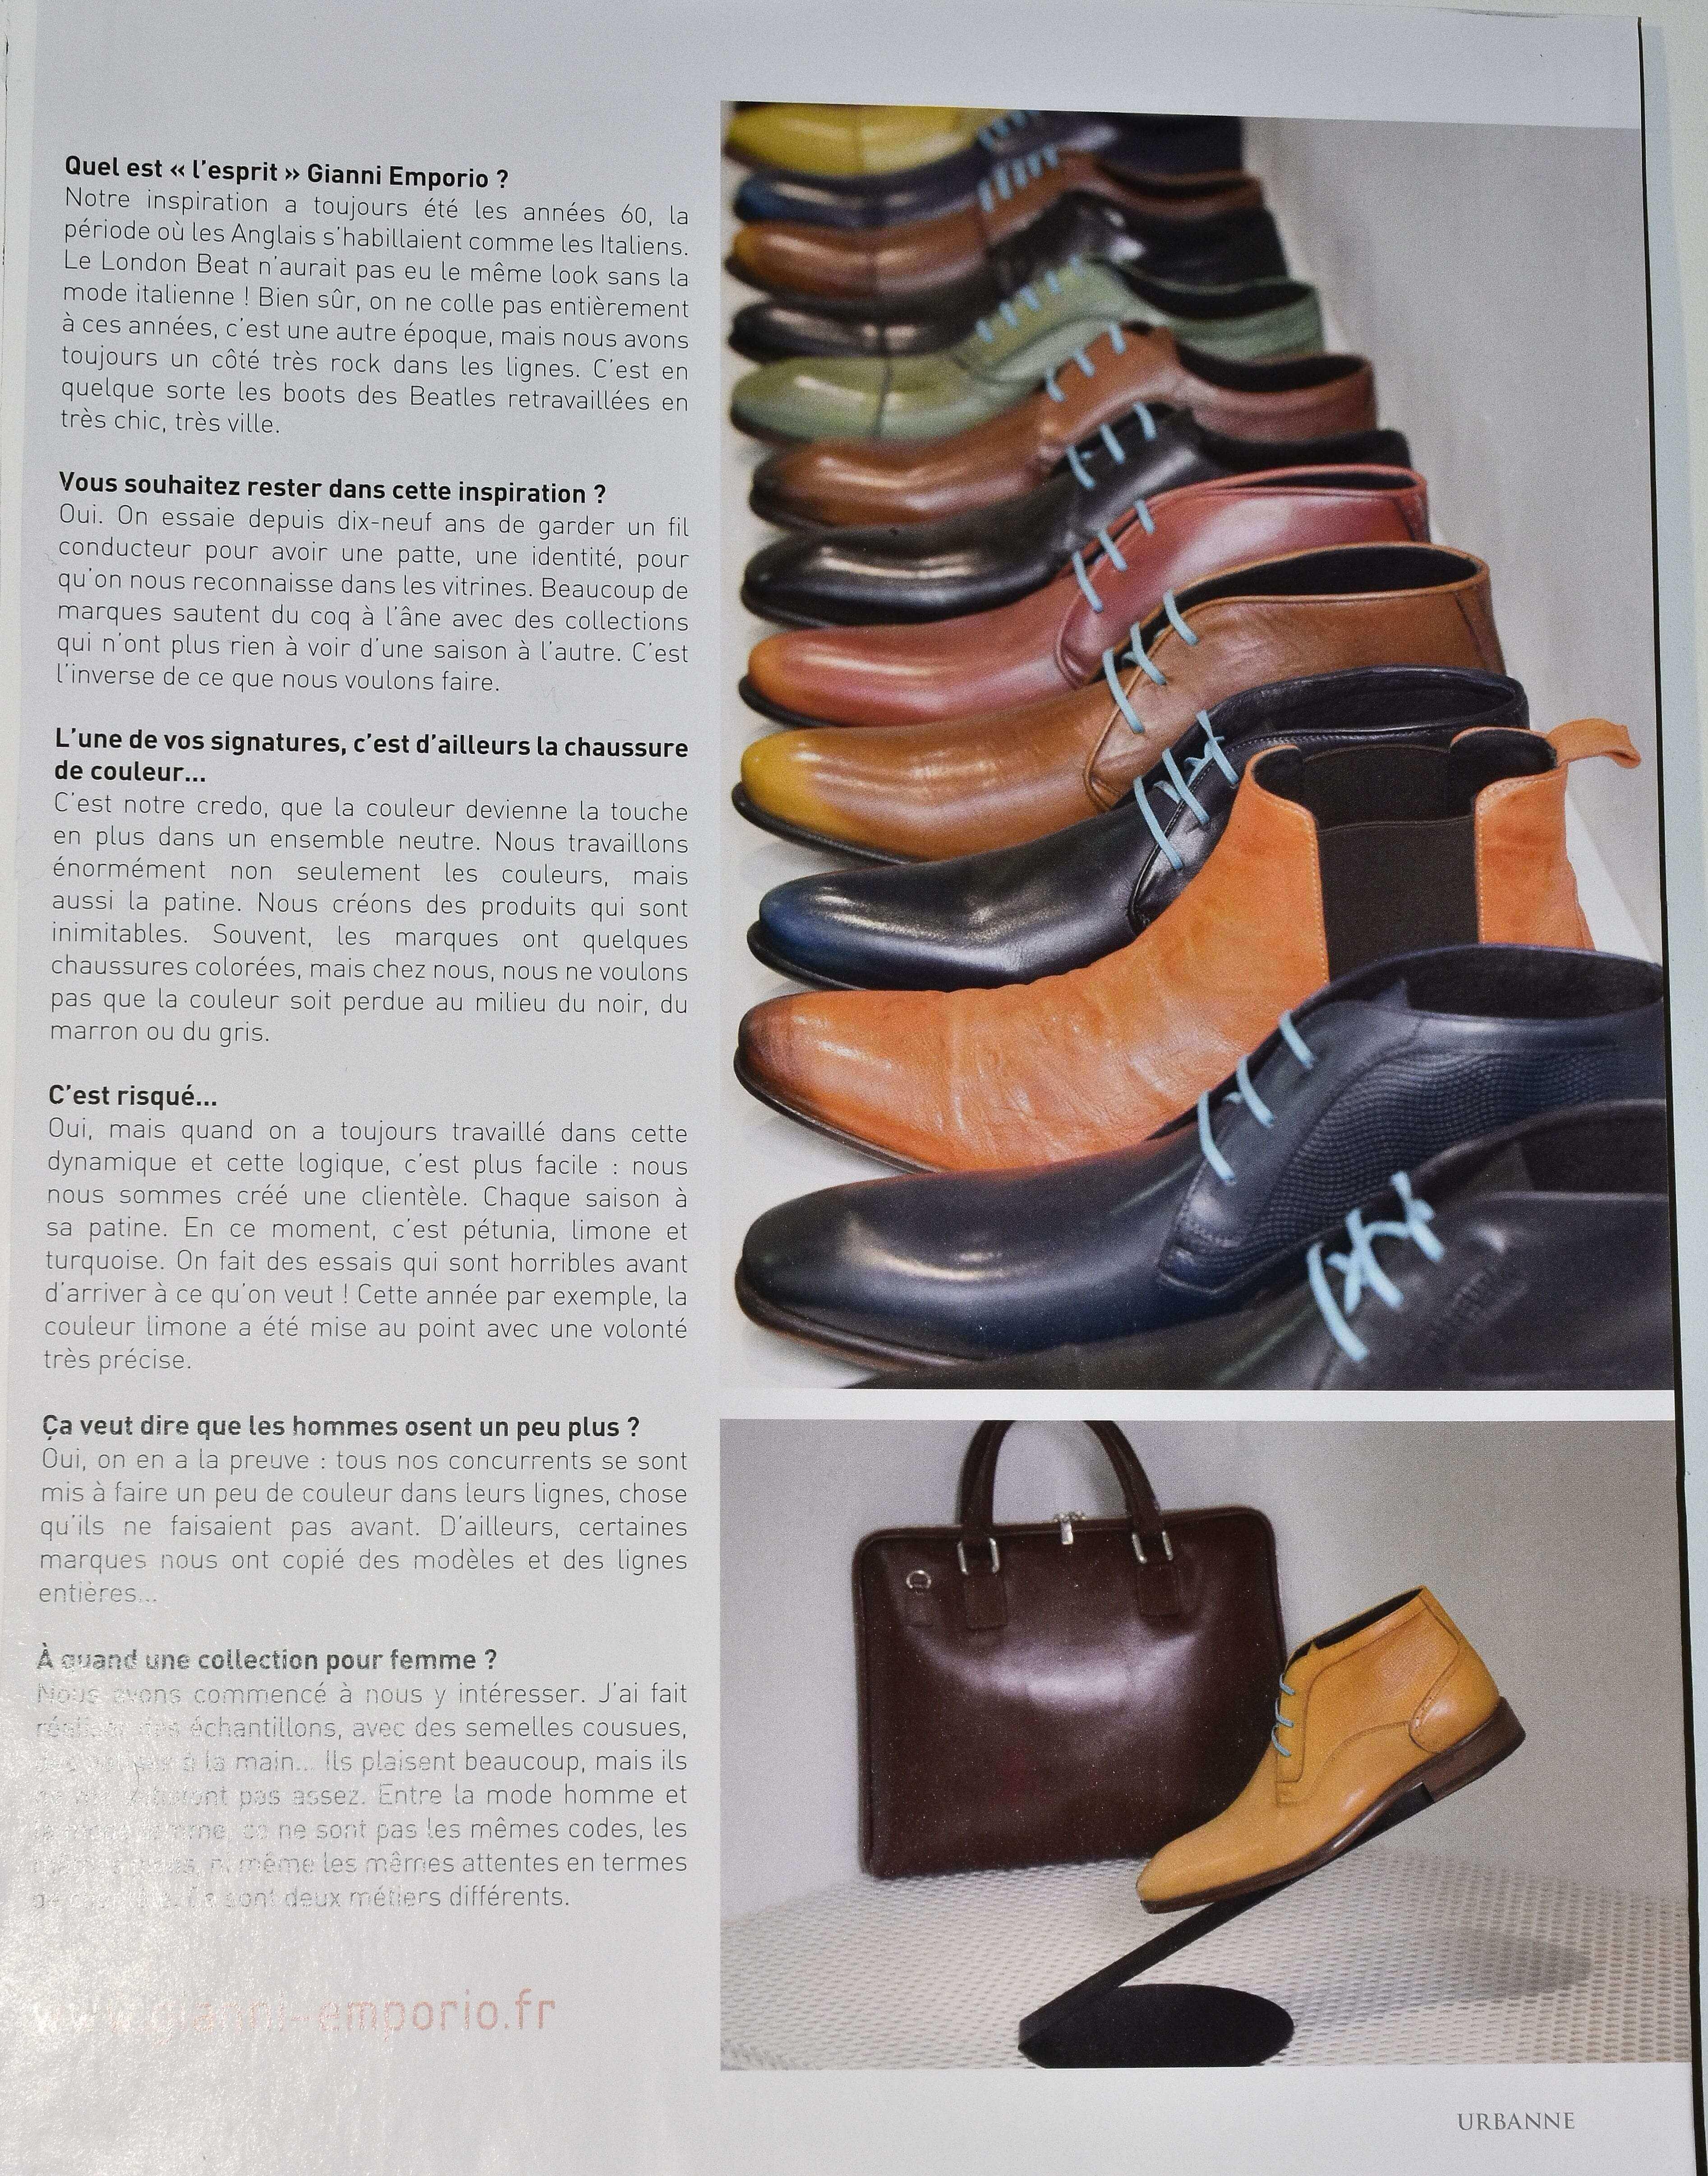 magazine-urbanne-chaussures-gianni-emporio